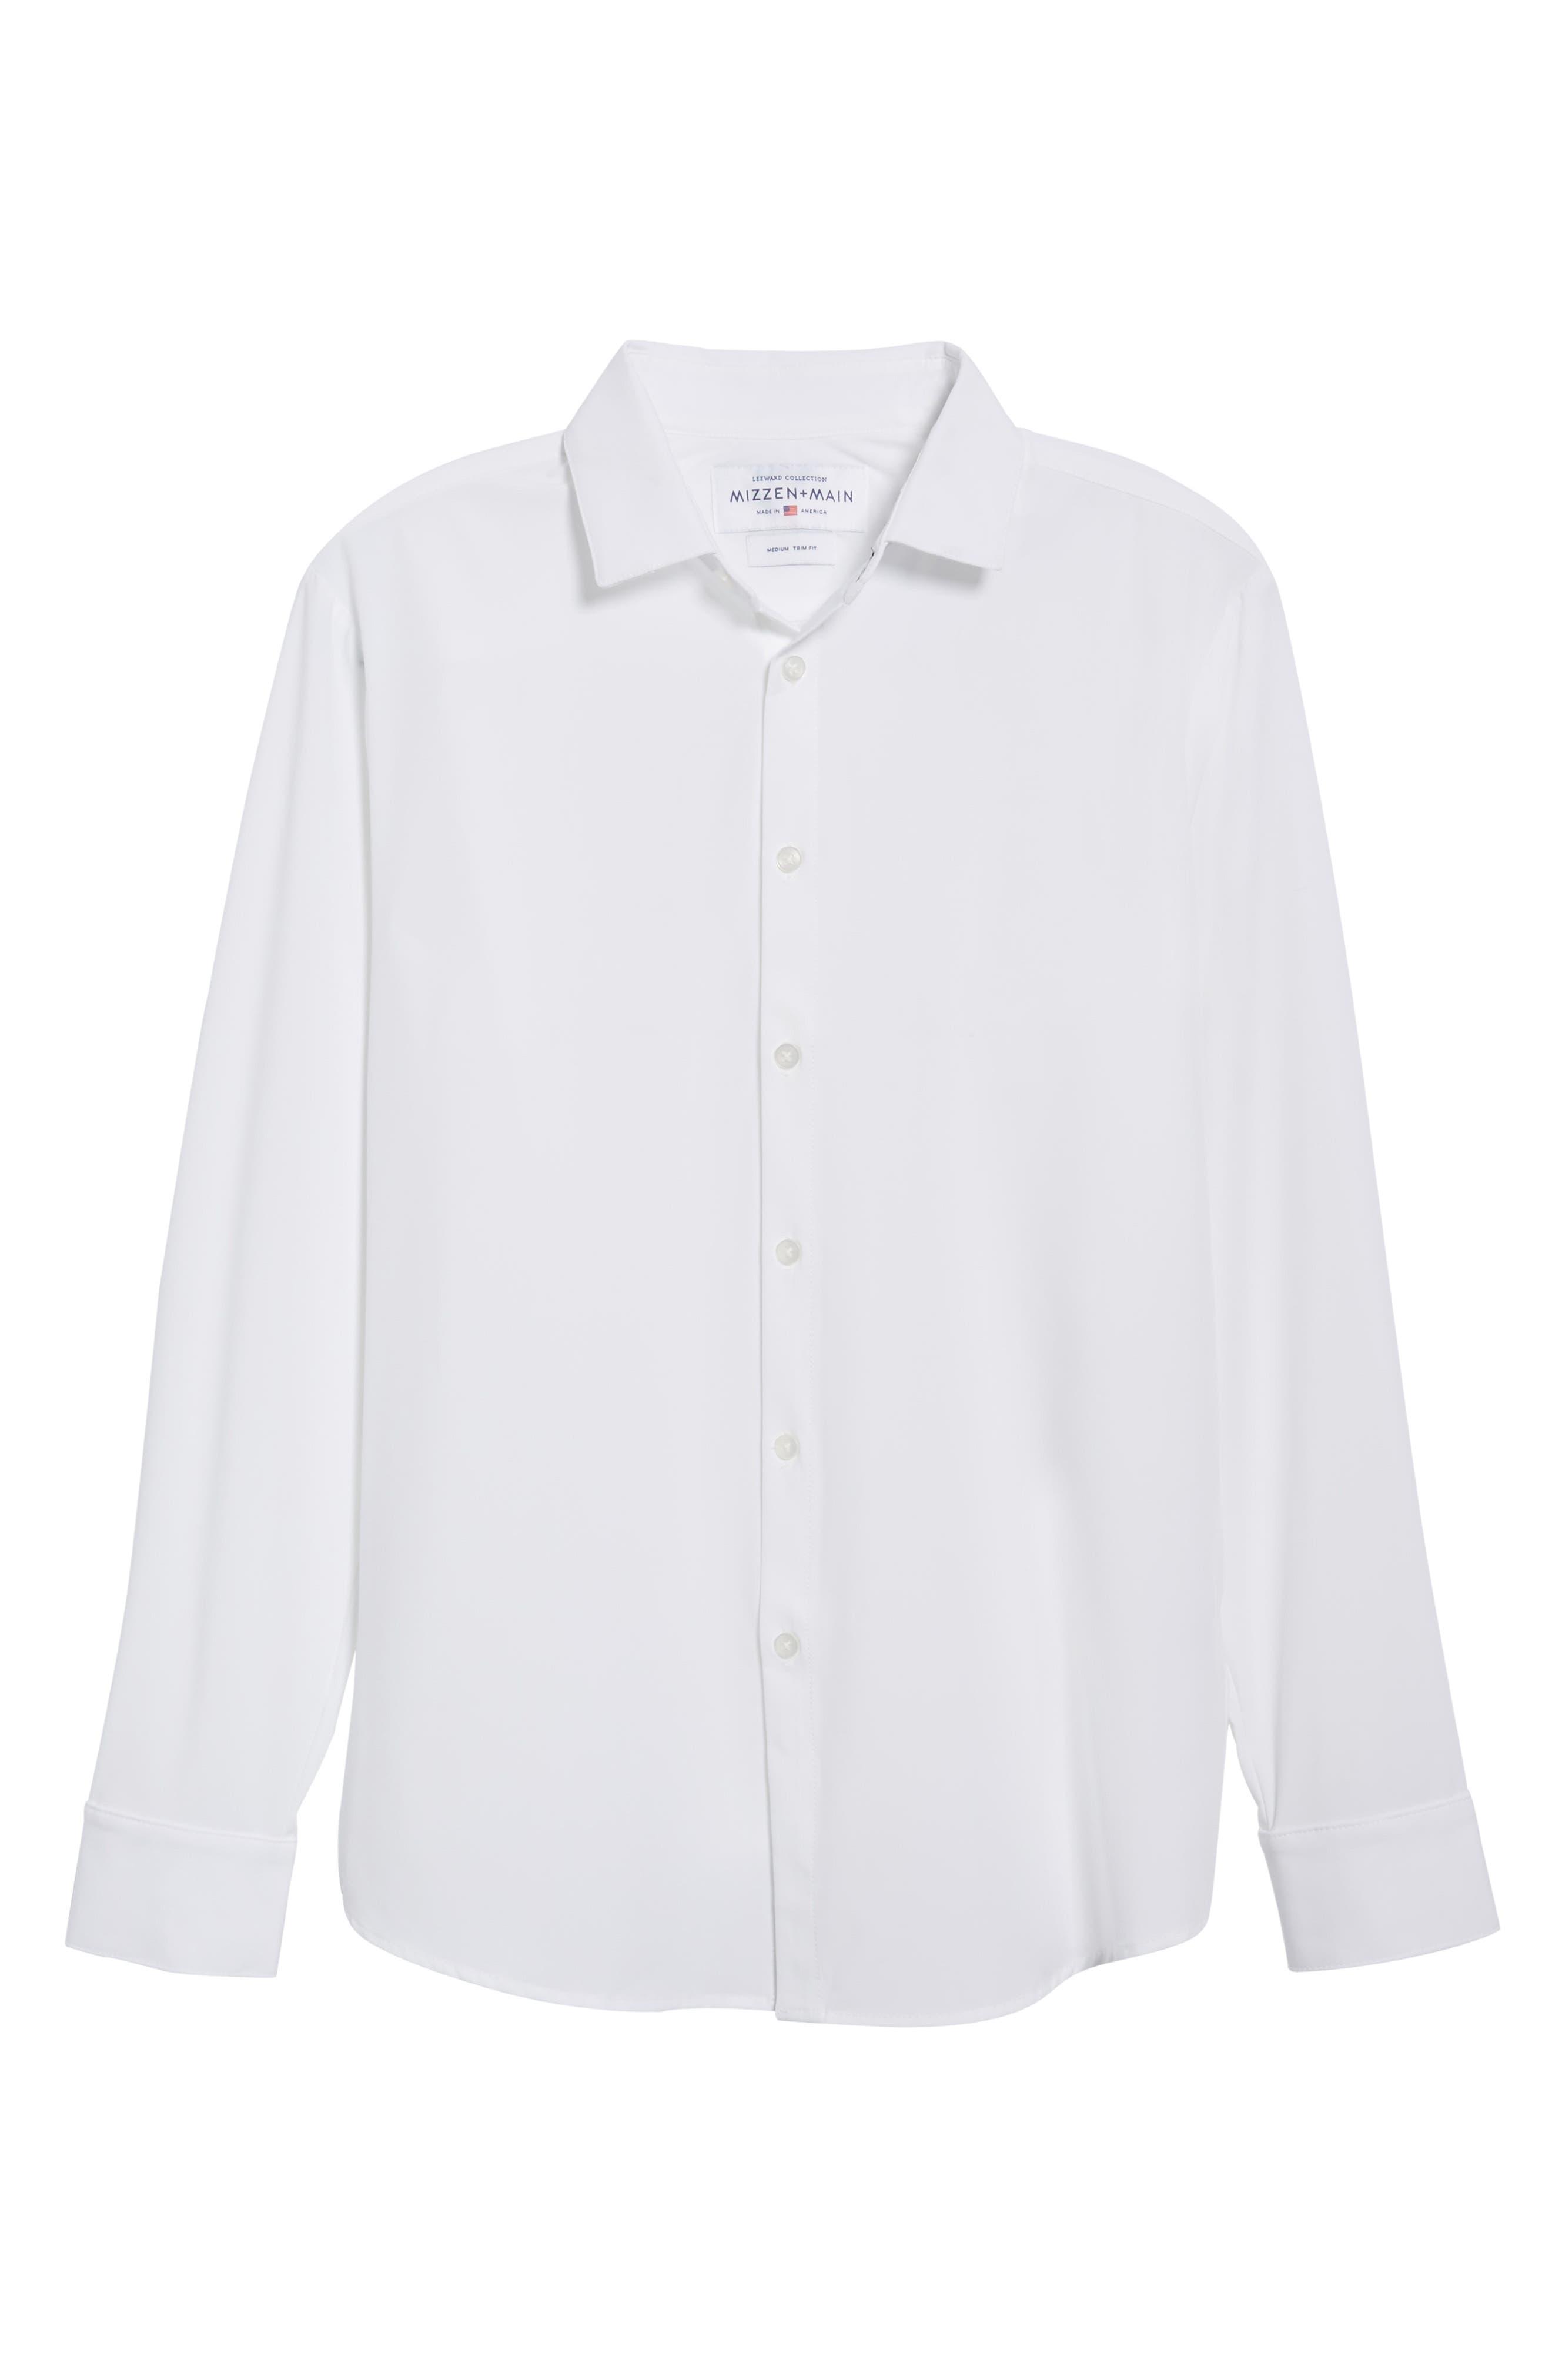 Manhattan Sport Shirt,                             Alternate thumbnail 6, color,                             WHITE